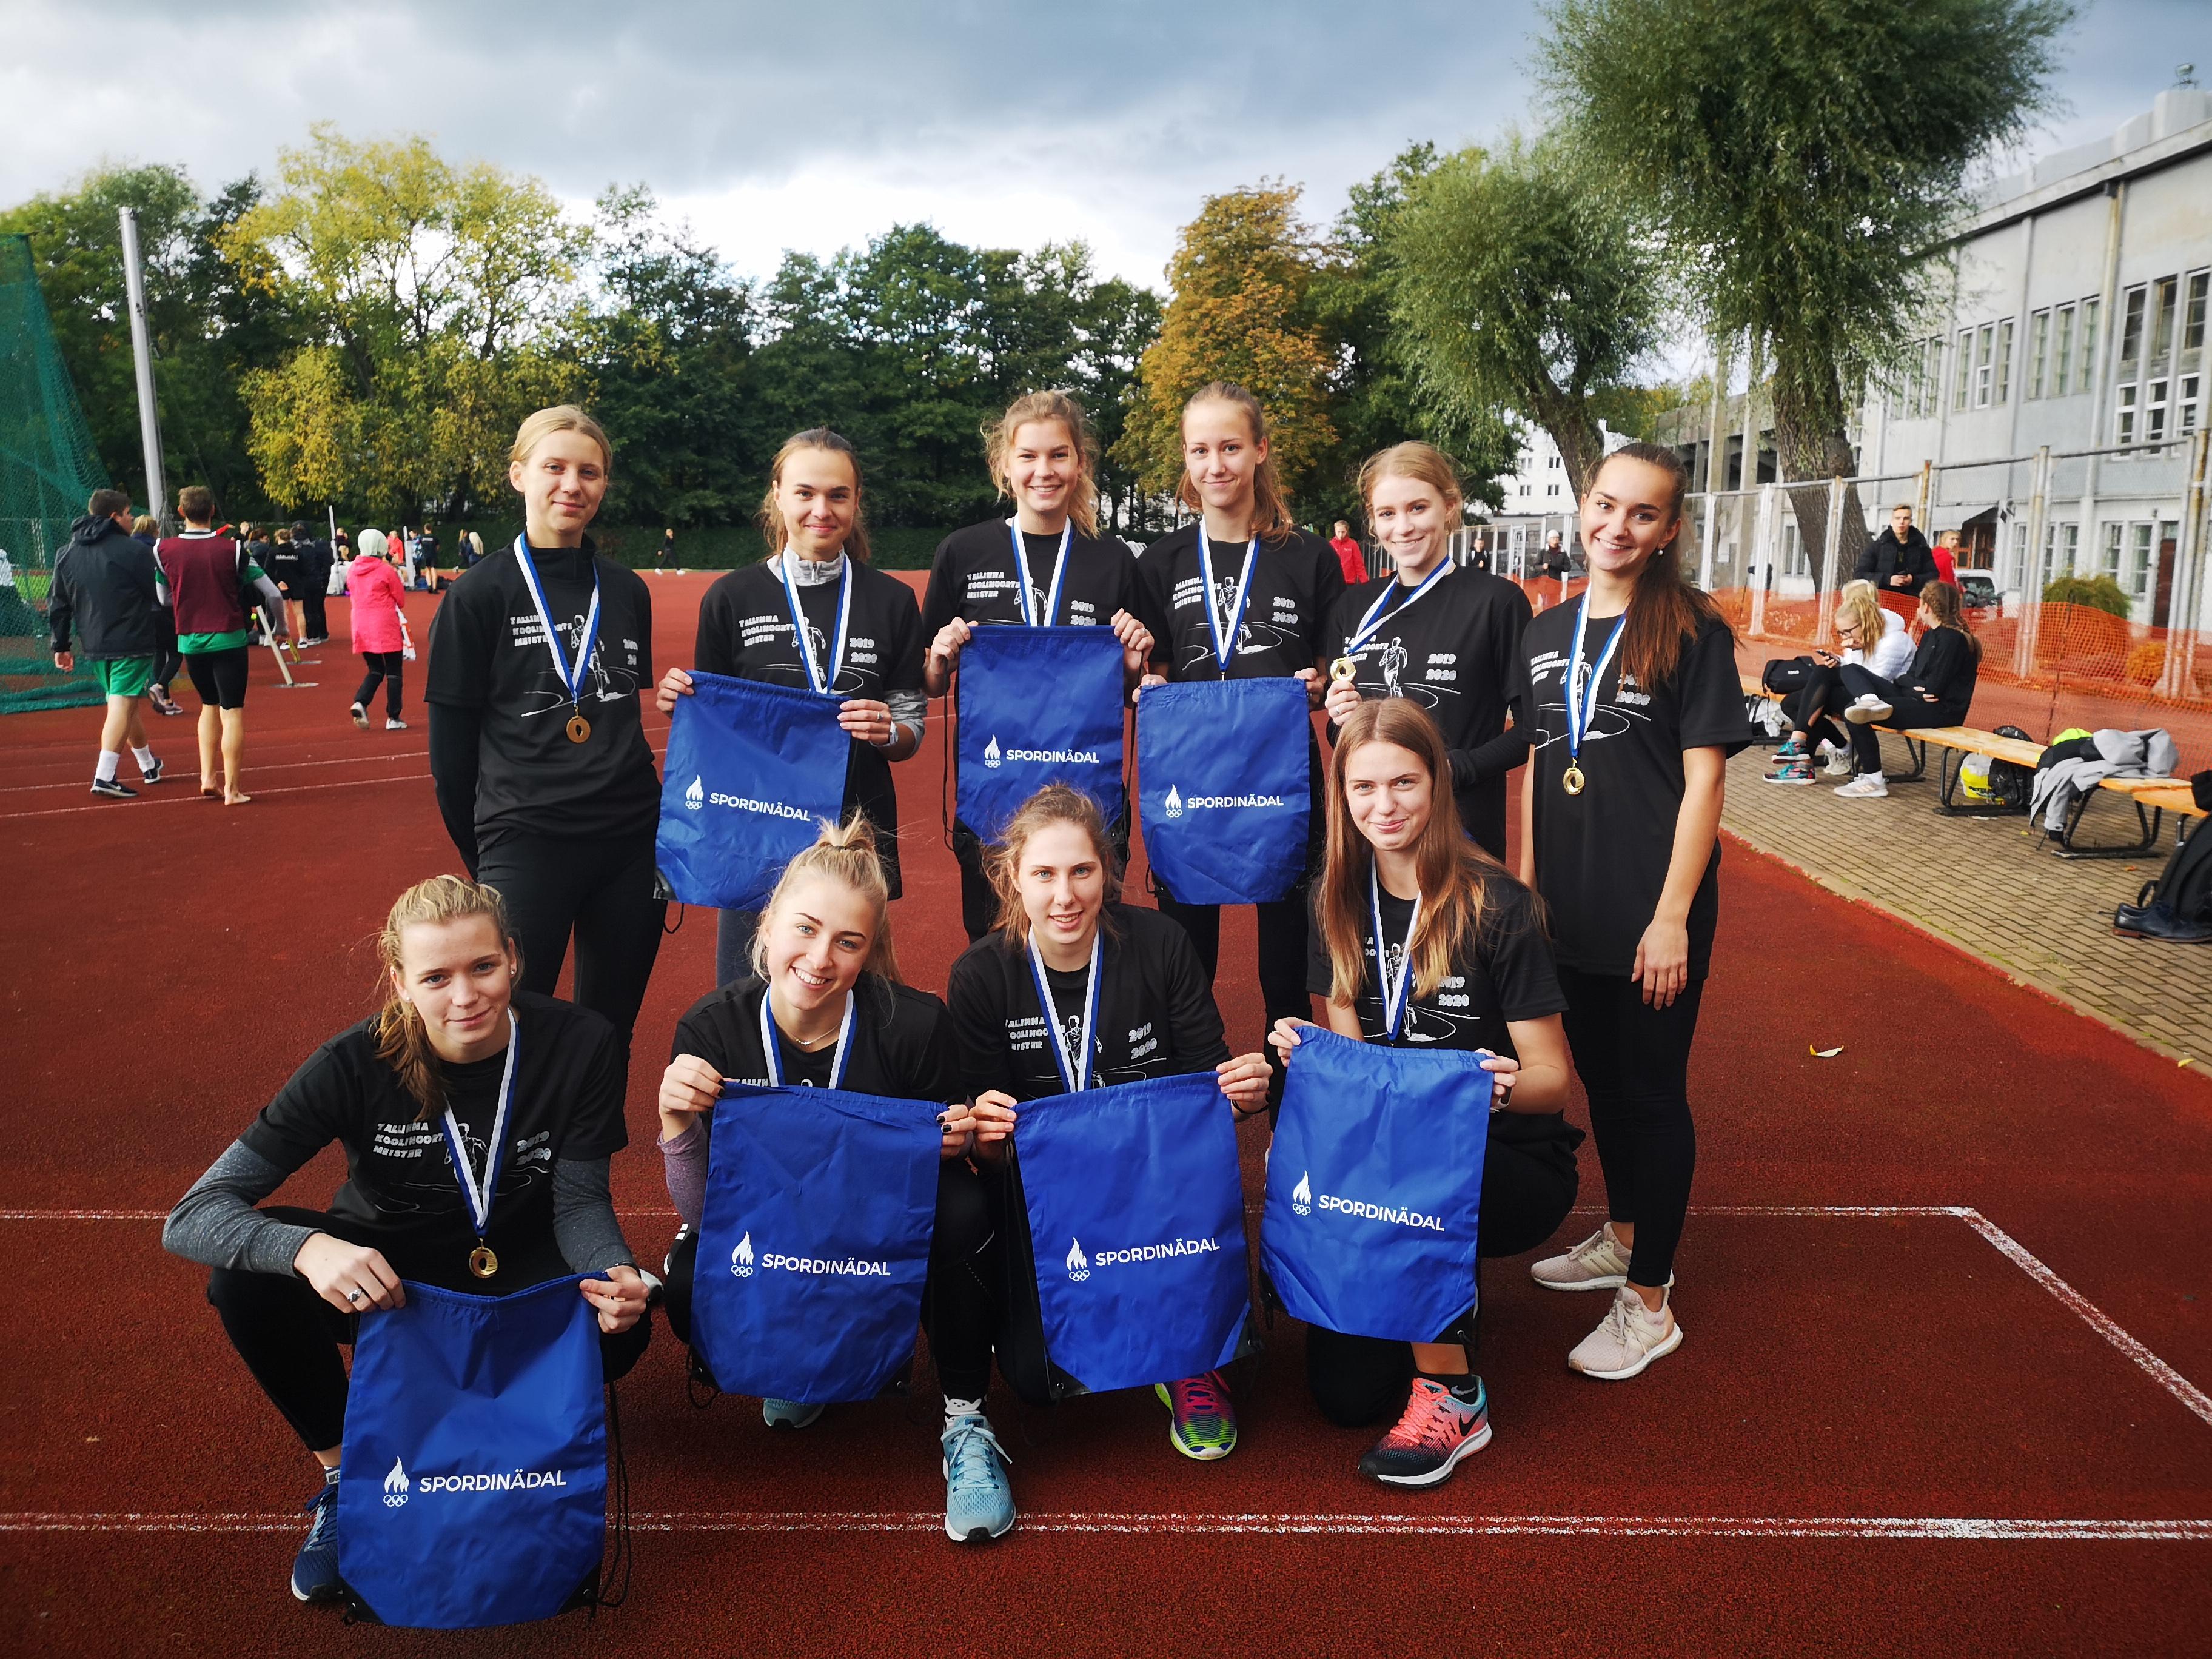 Kulda ja hõbedat Tallinna Koolinoorte spordiaasta esimeselt võistluselt teatejooksus